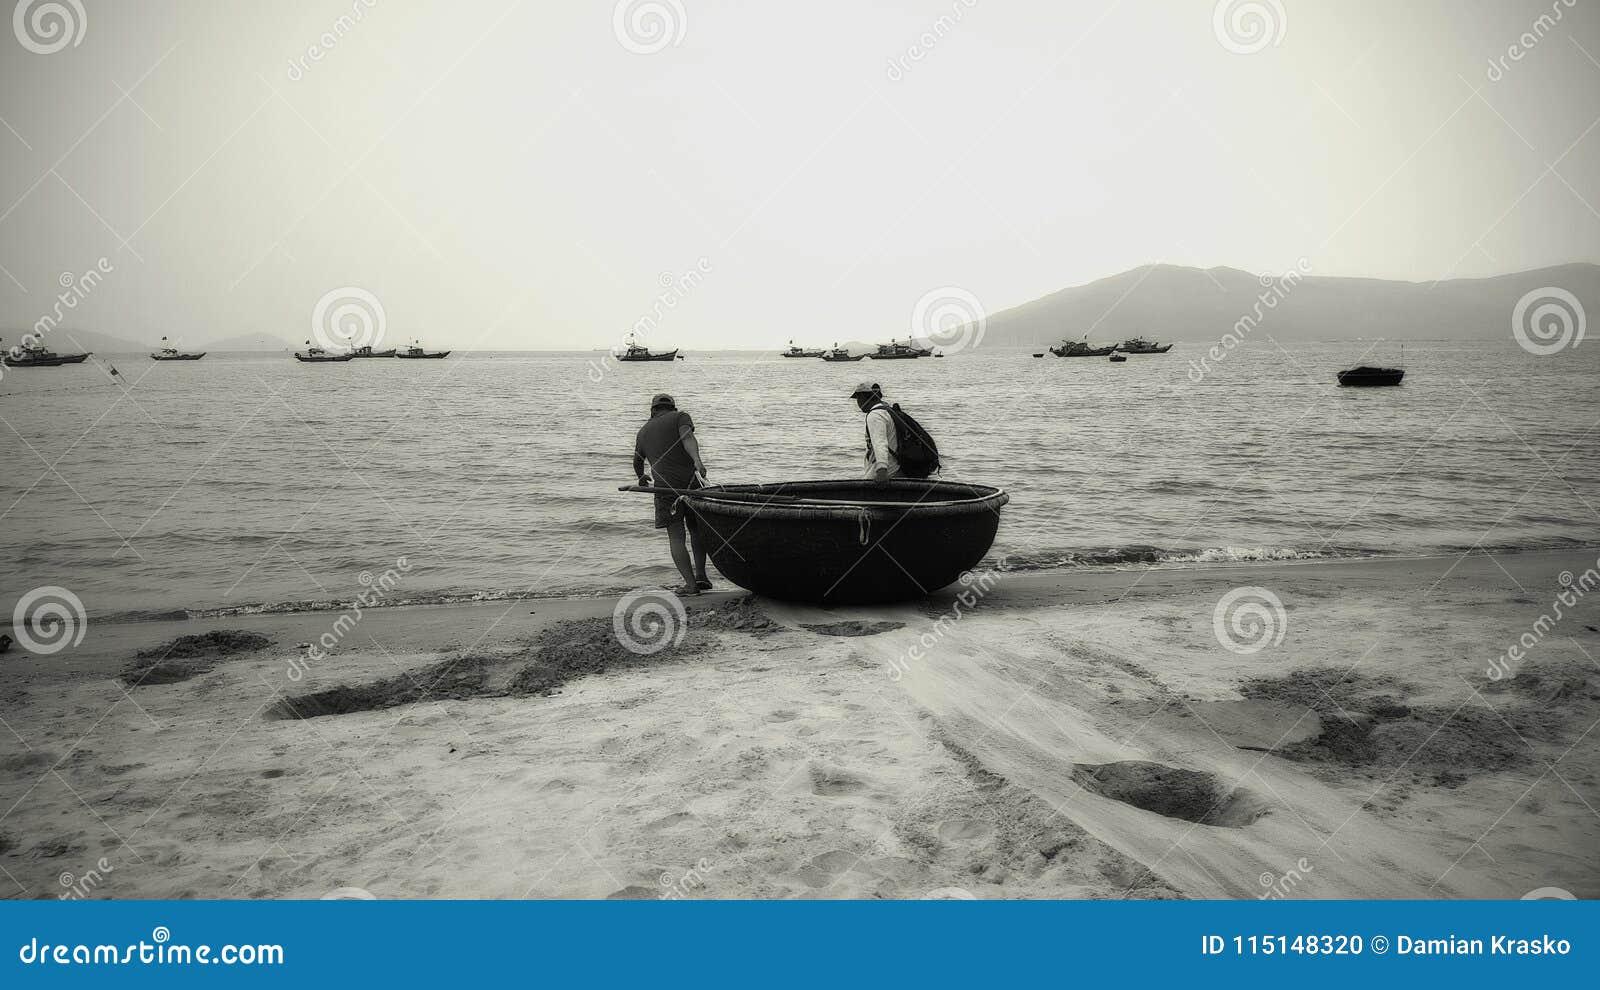 Krabvissers aan het werk in Retro stijl